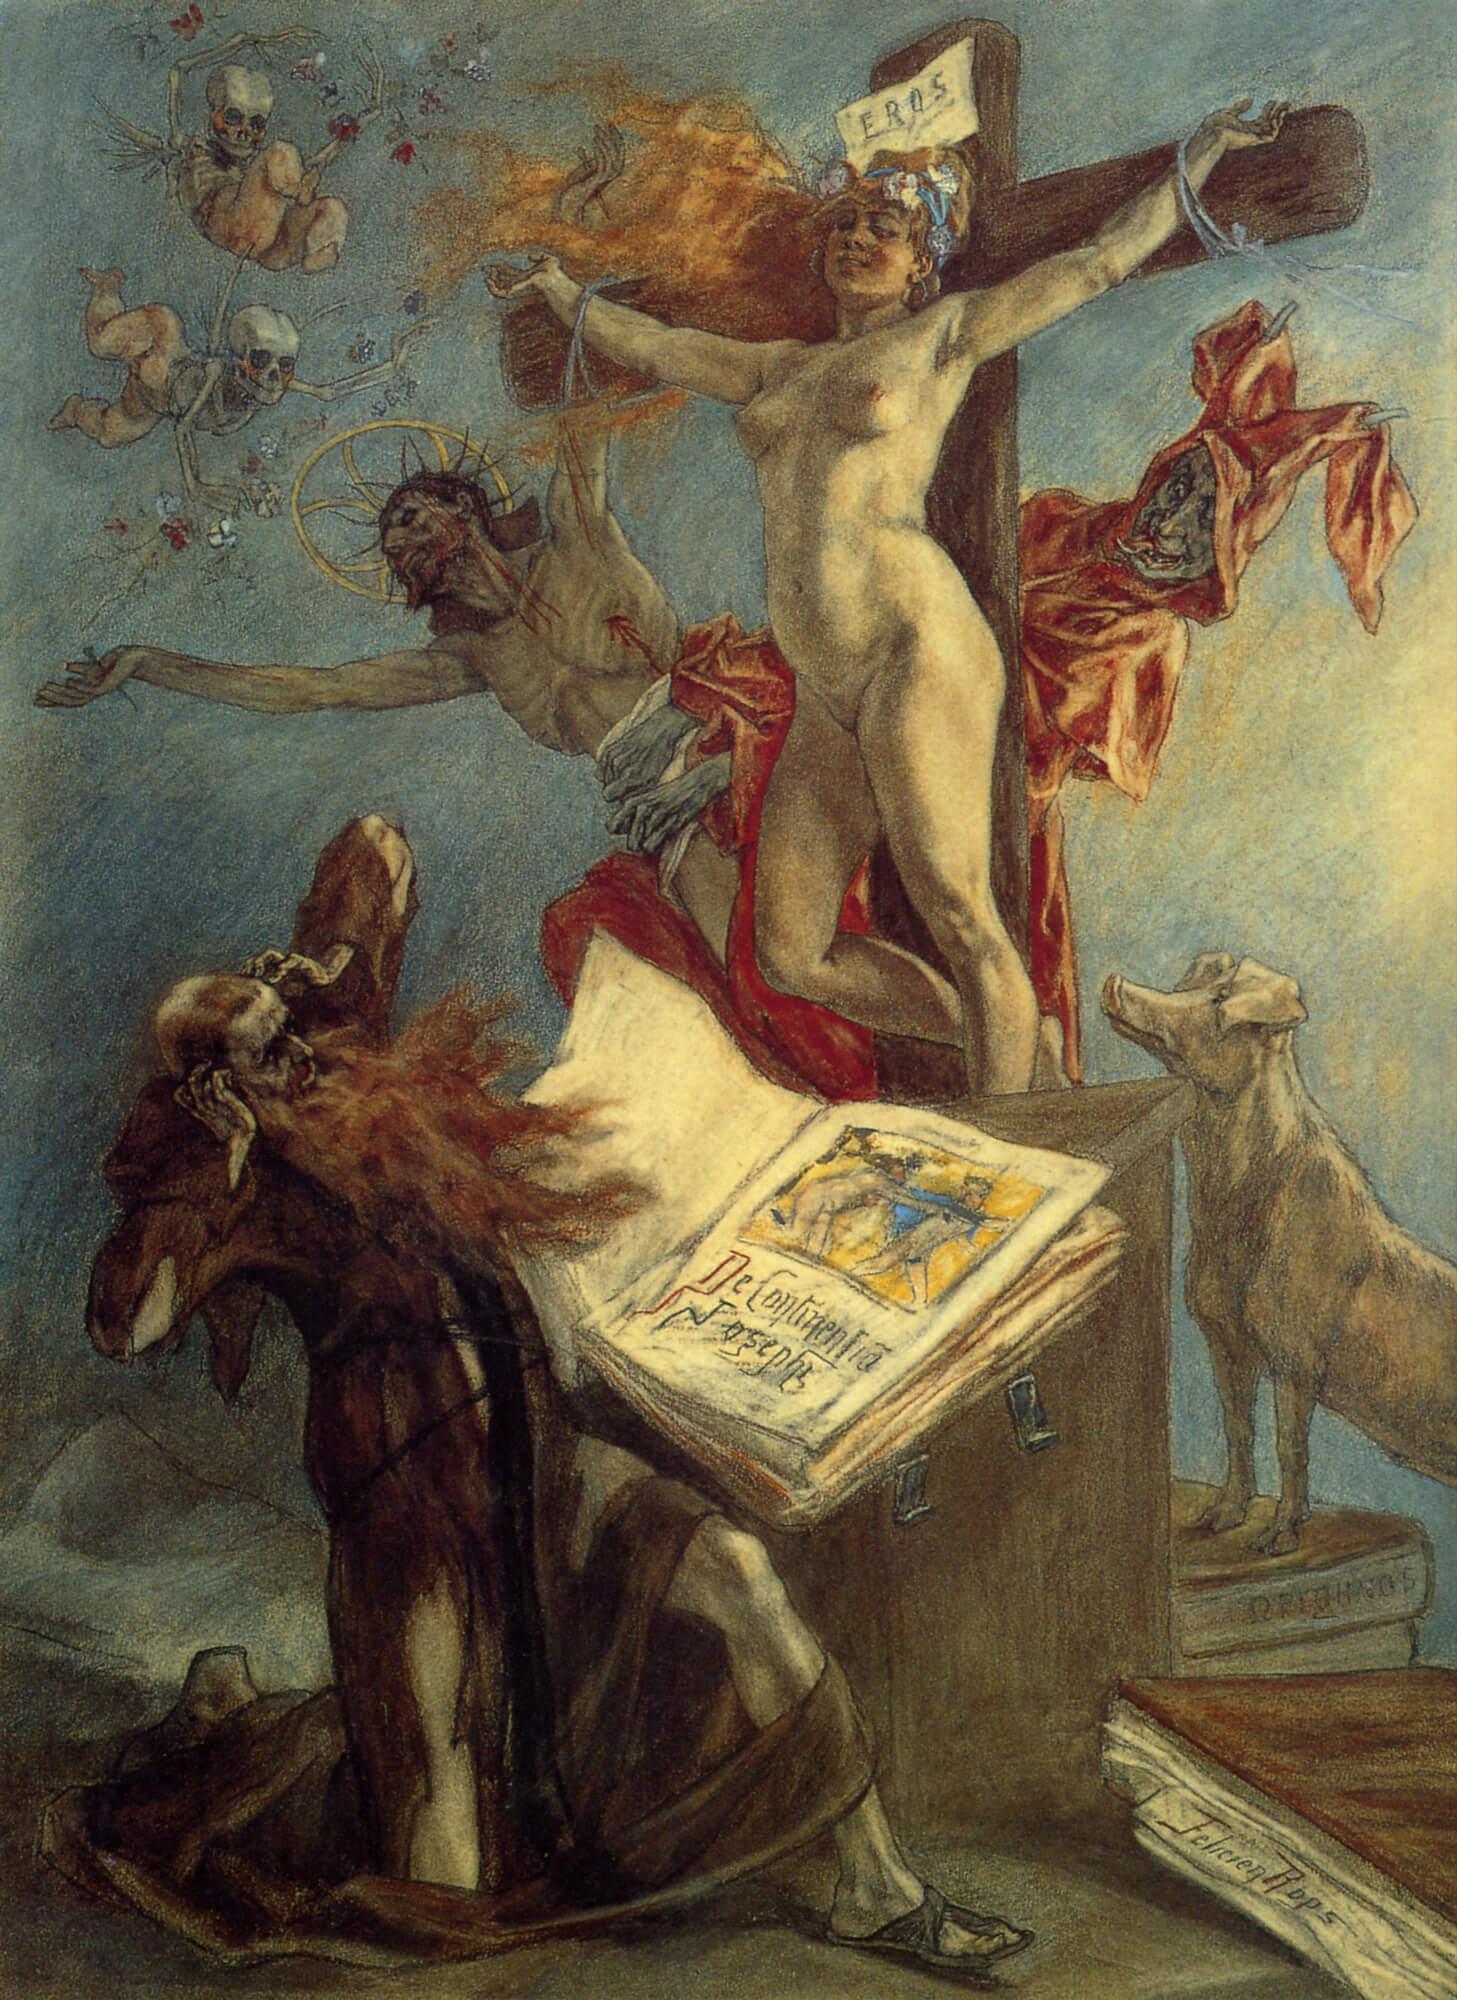 Картина Искушение святого Антония Фелисьена Ропса